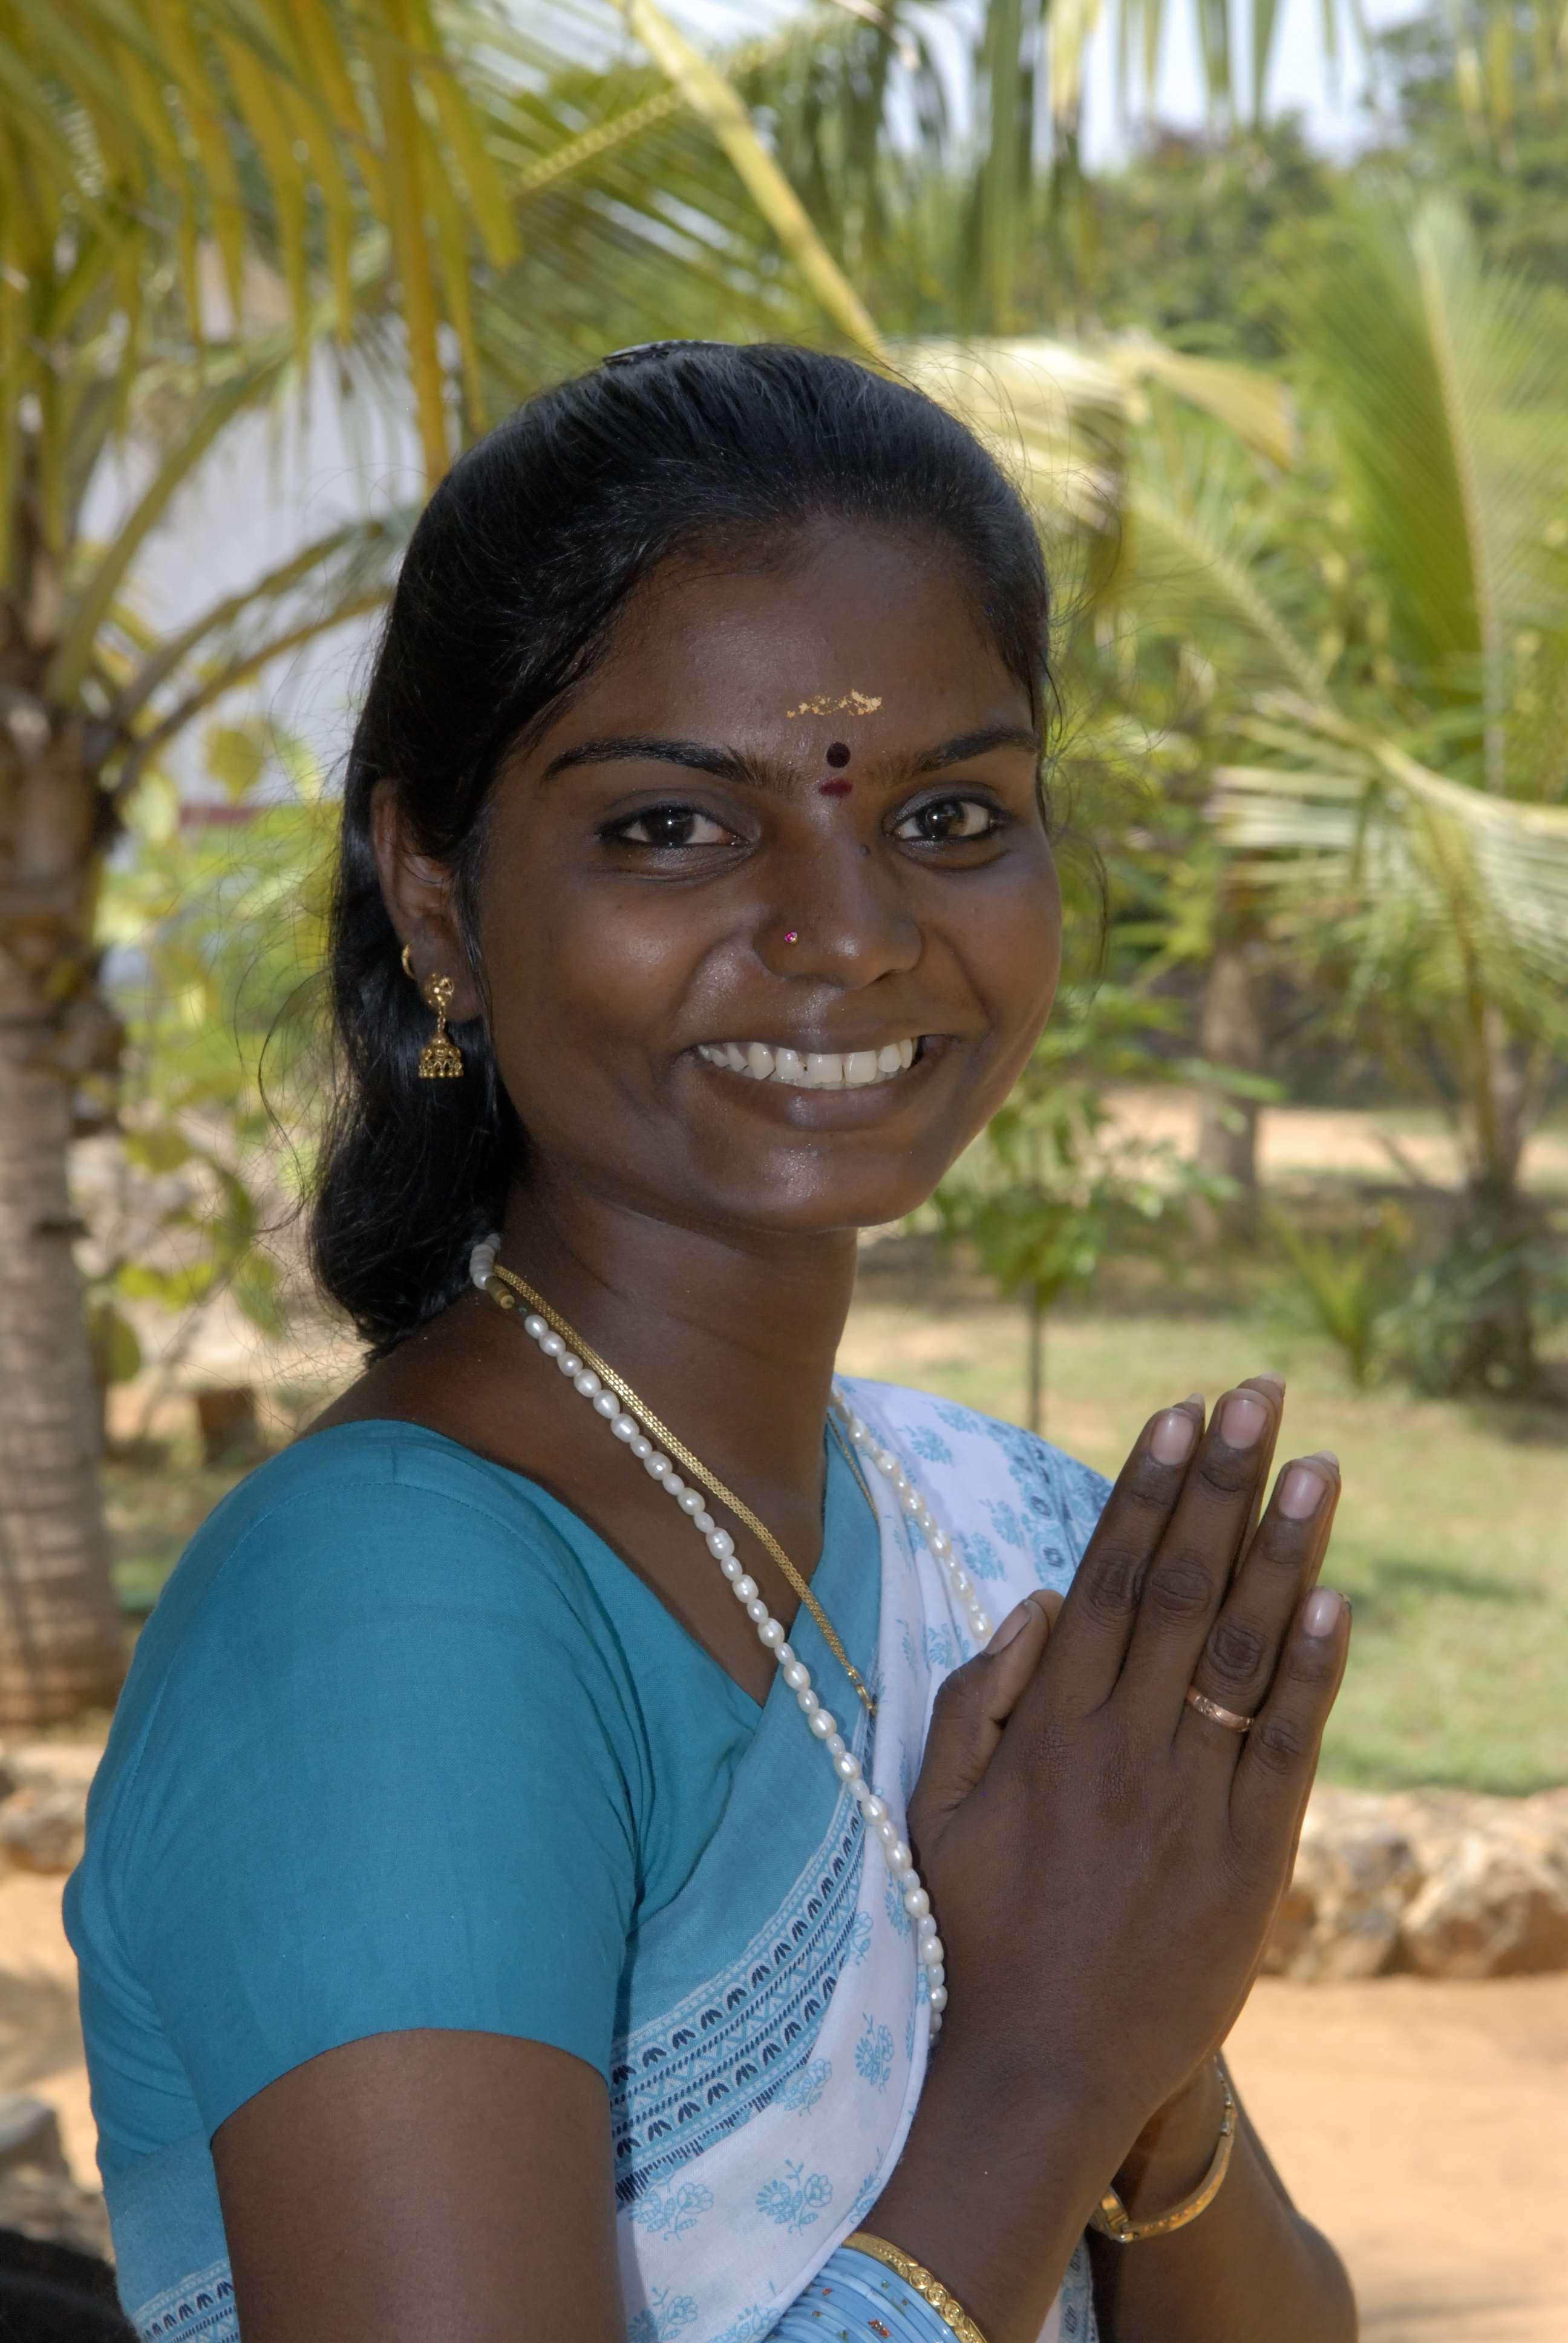 INDE du SUDMuttukadu Jeune femme